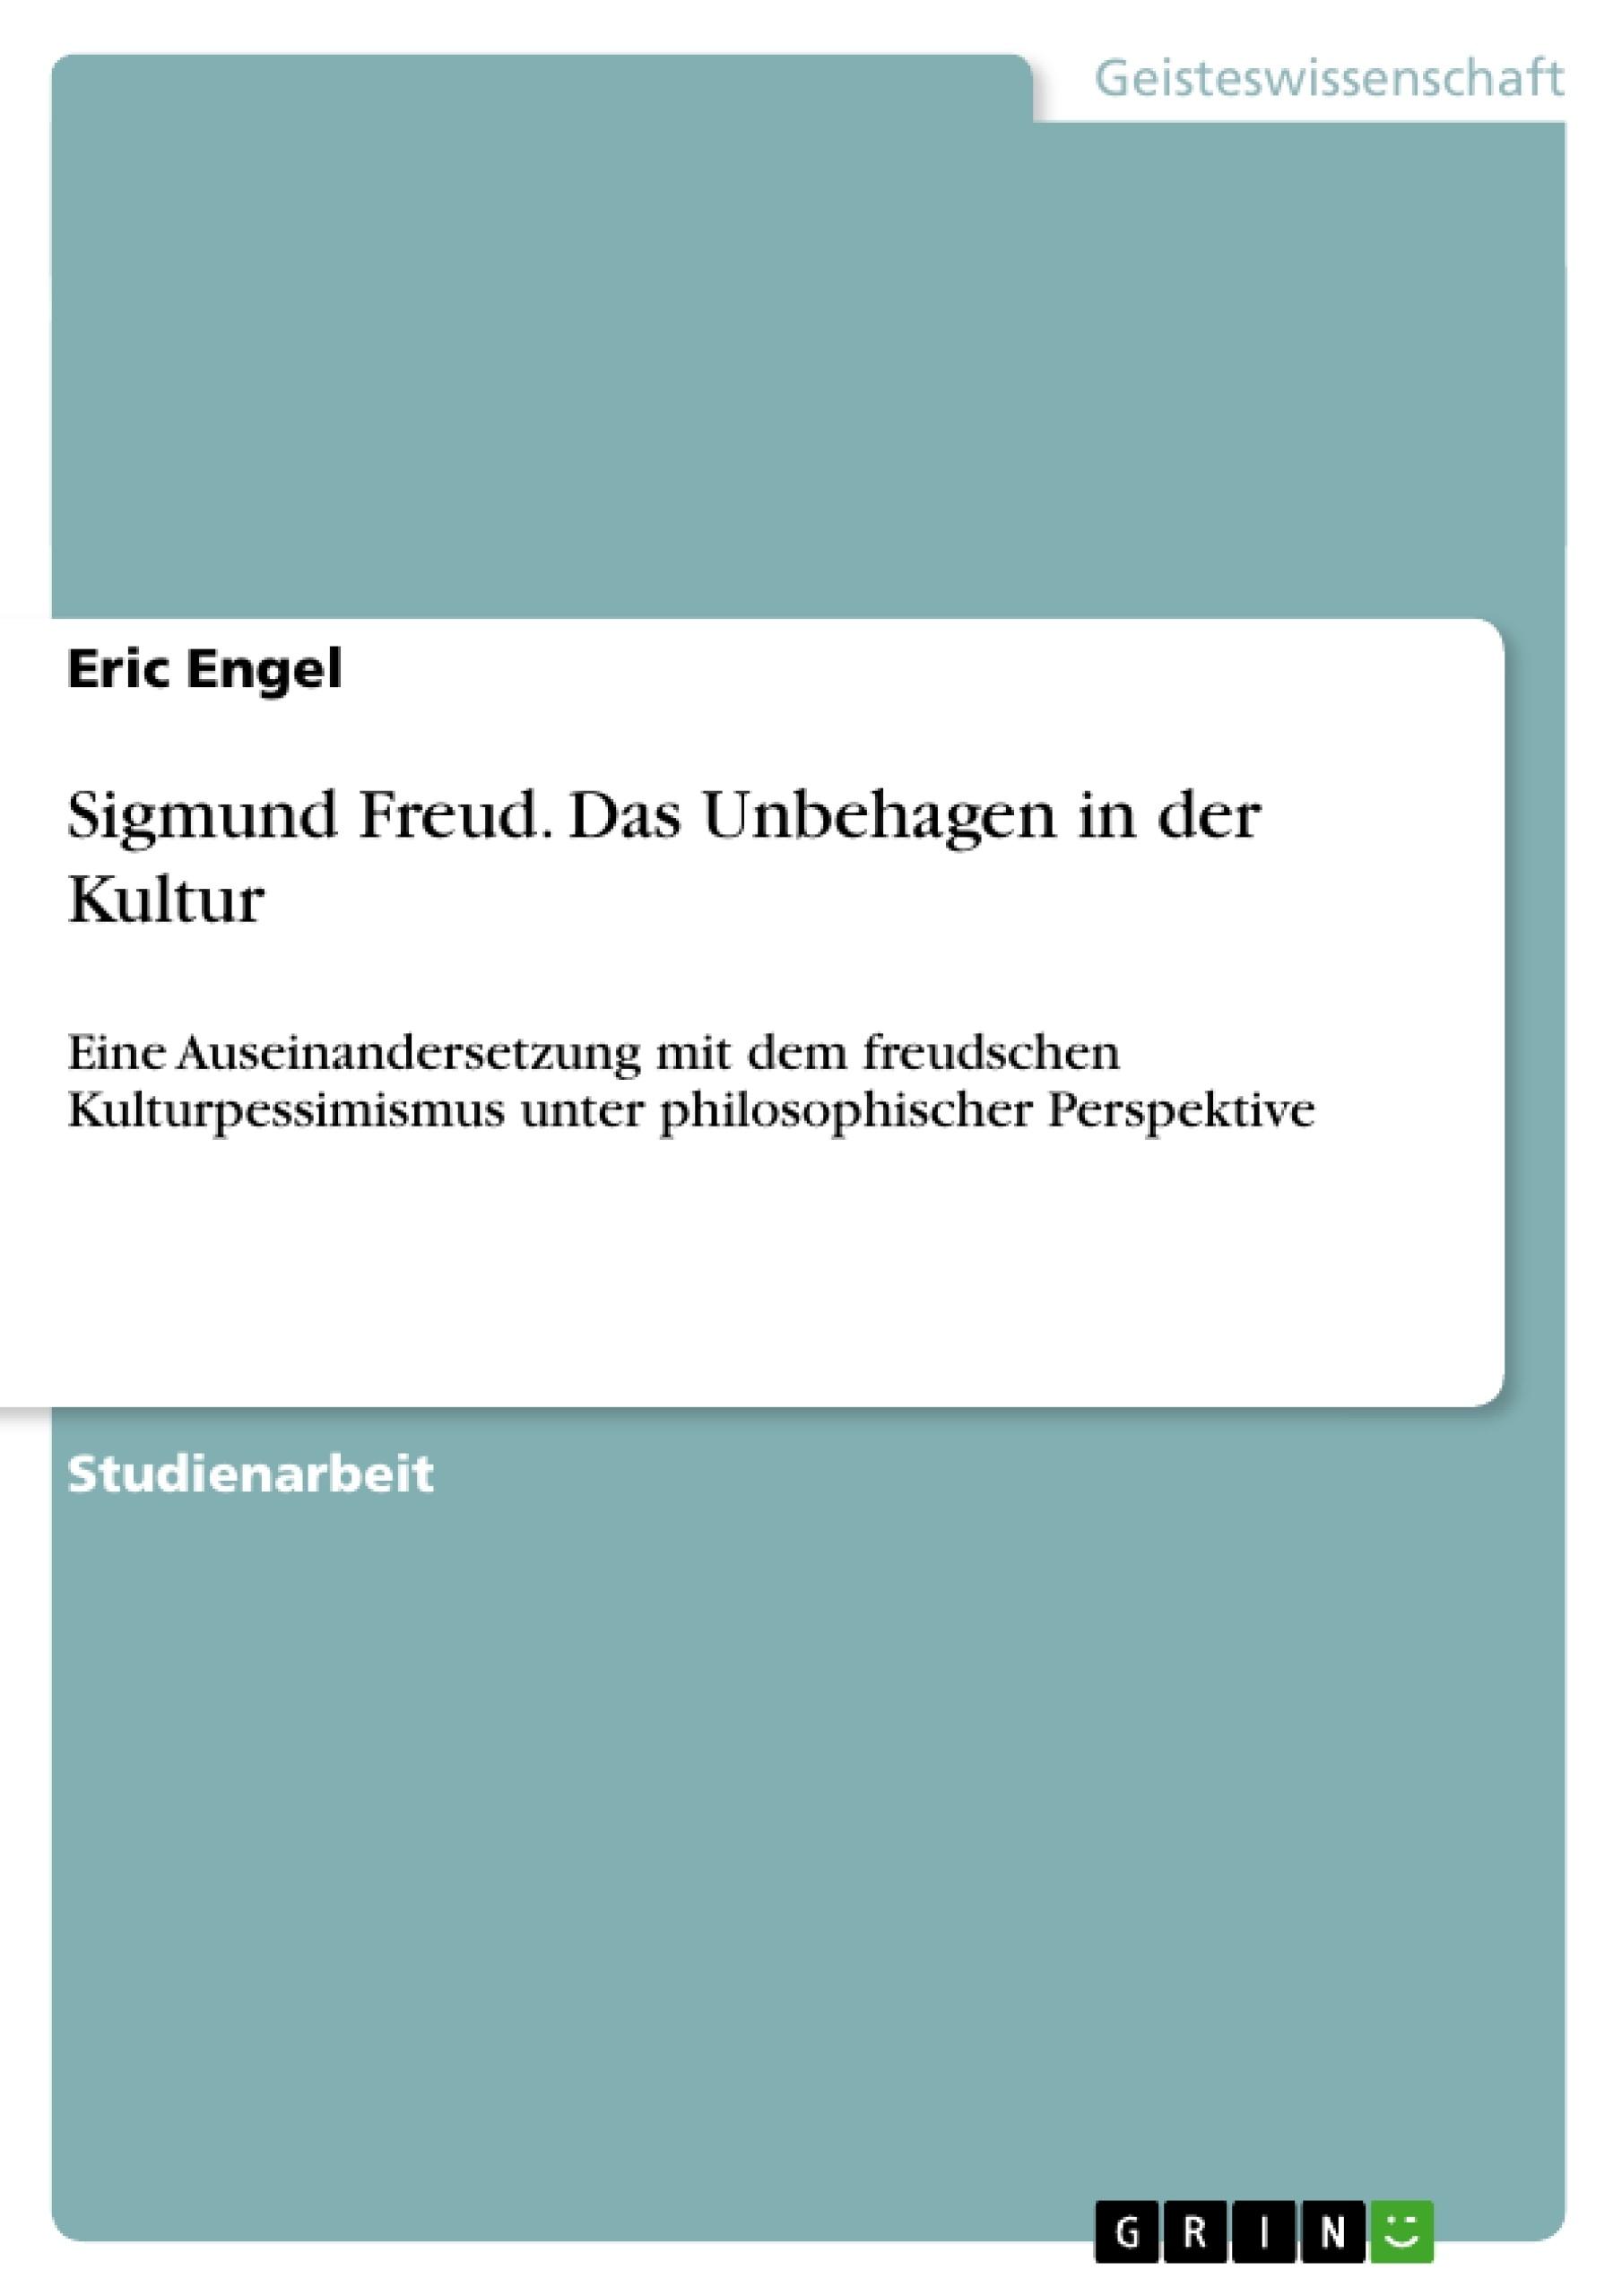 Titel: Sigmund Freud. Das Unbehagen in der Kultur